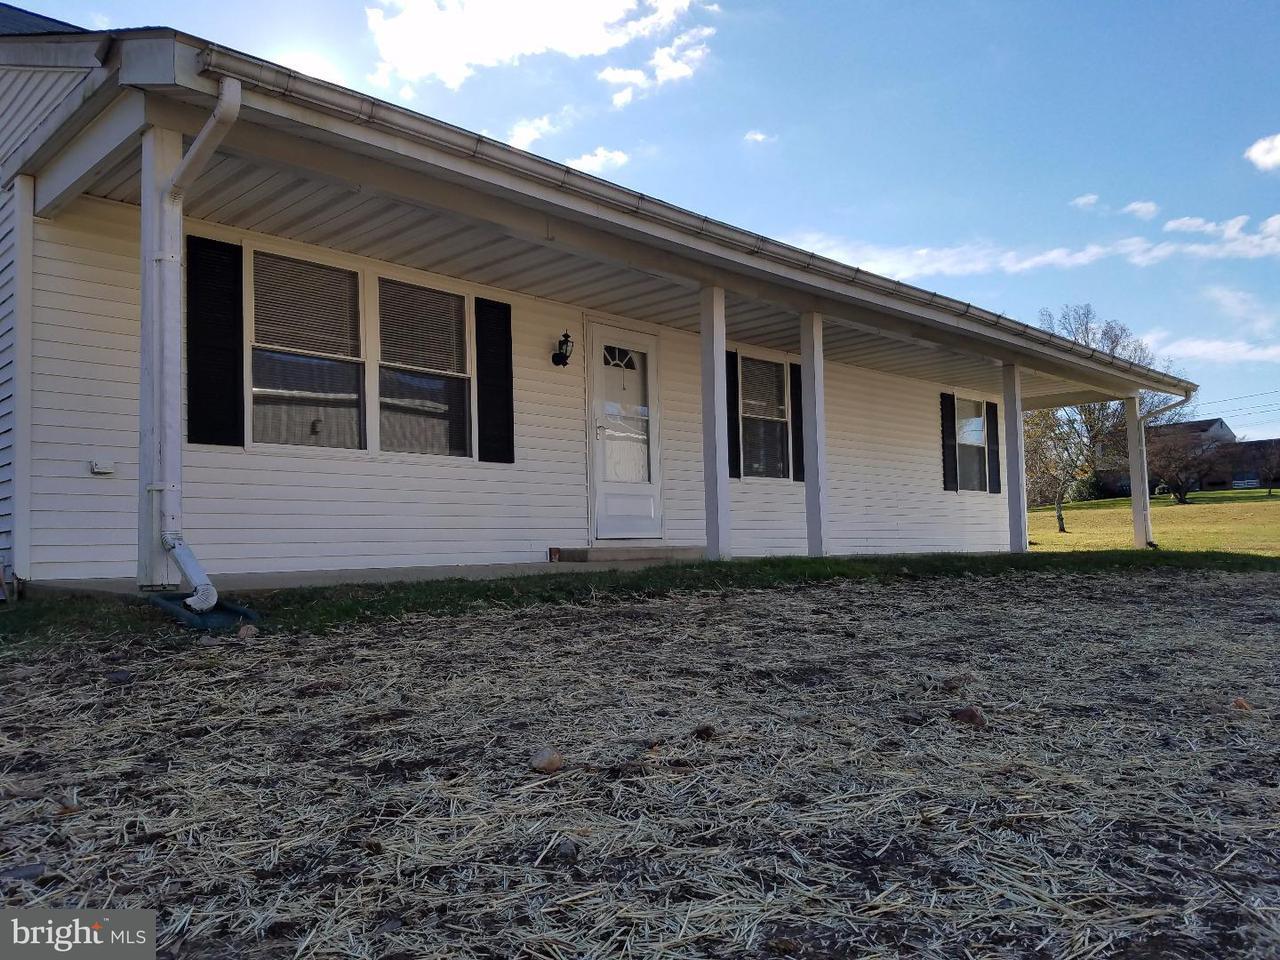 独户住宅 为 出租 在 91 BARRY RD #APT A Chalfont, 宾夕法尼亚州 18914 美国